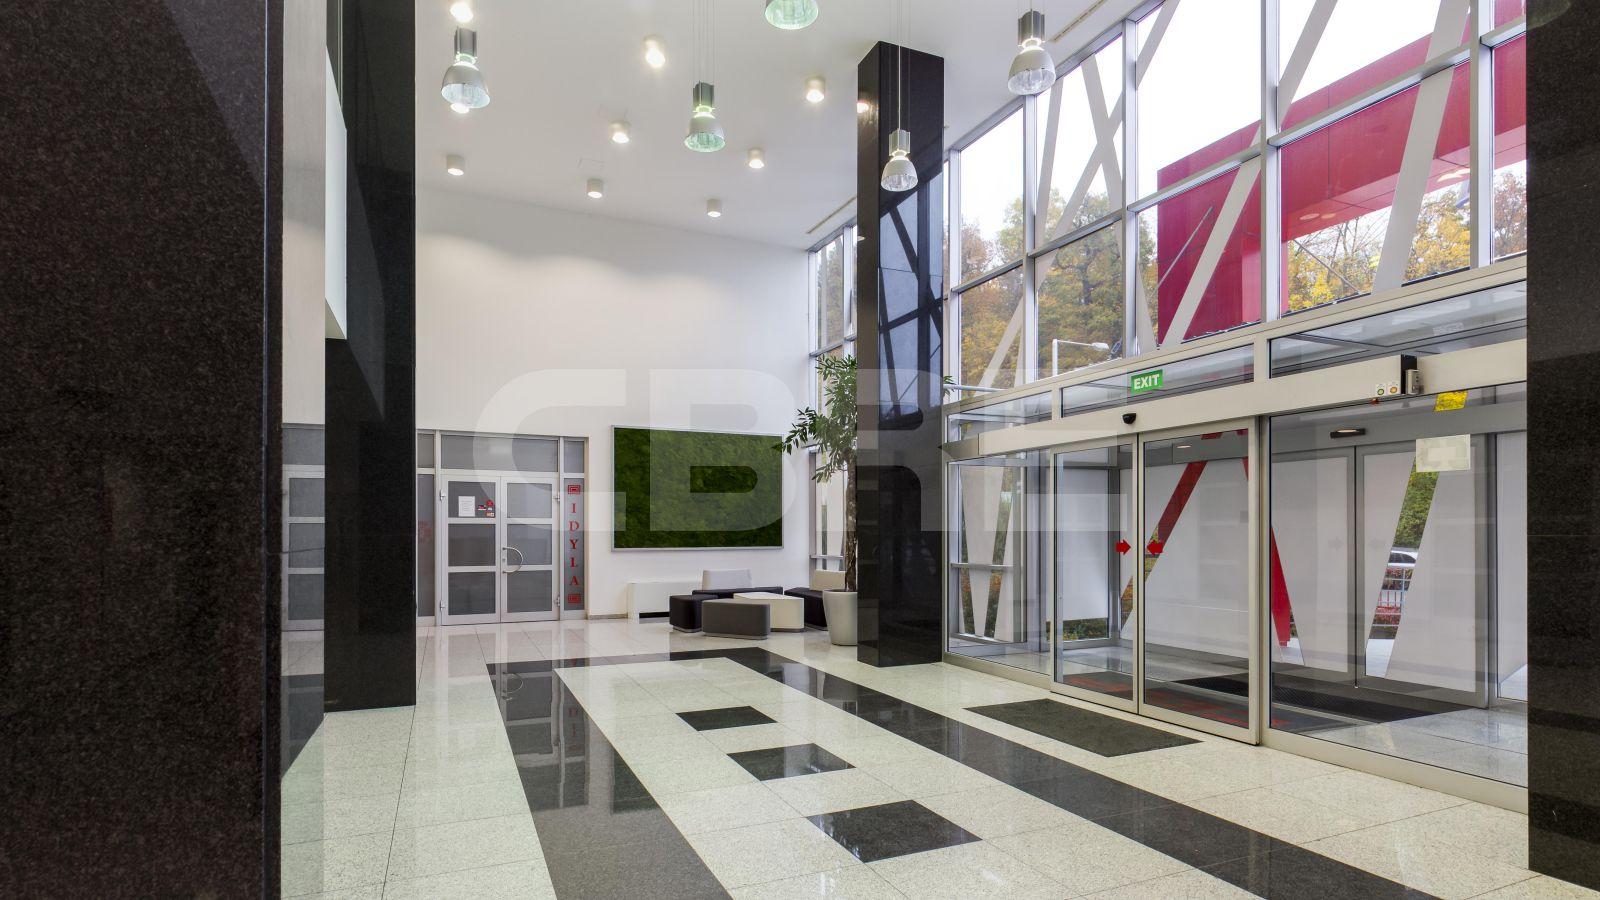 Slávičie údolie 106, Bratislava - Staré Mesto | Offices for rent by CBRE | 2